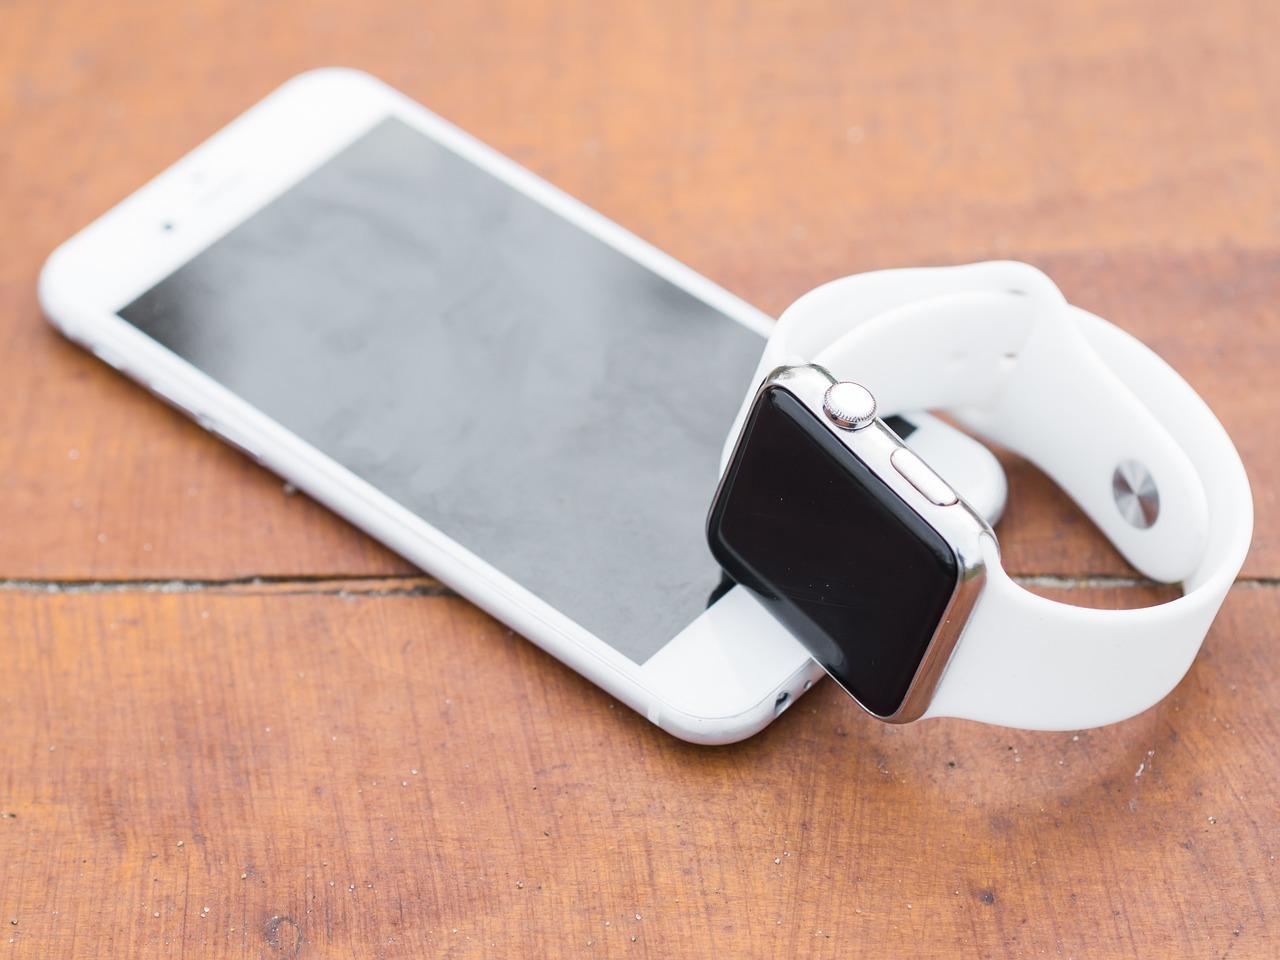 Apple Watchアプリまとめ|インストール必須おすすめ11選【2019年】